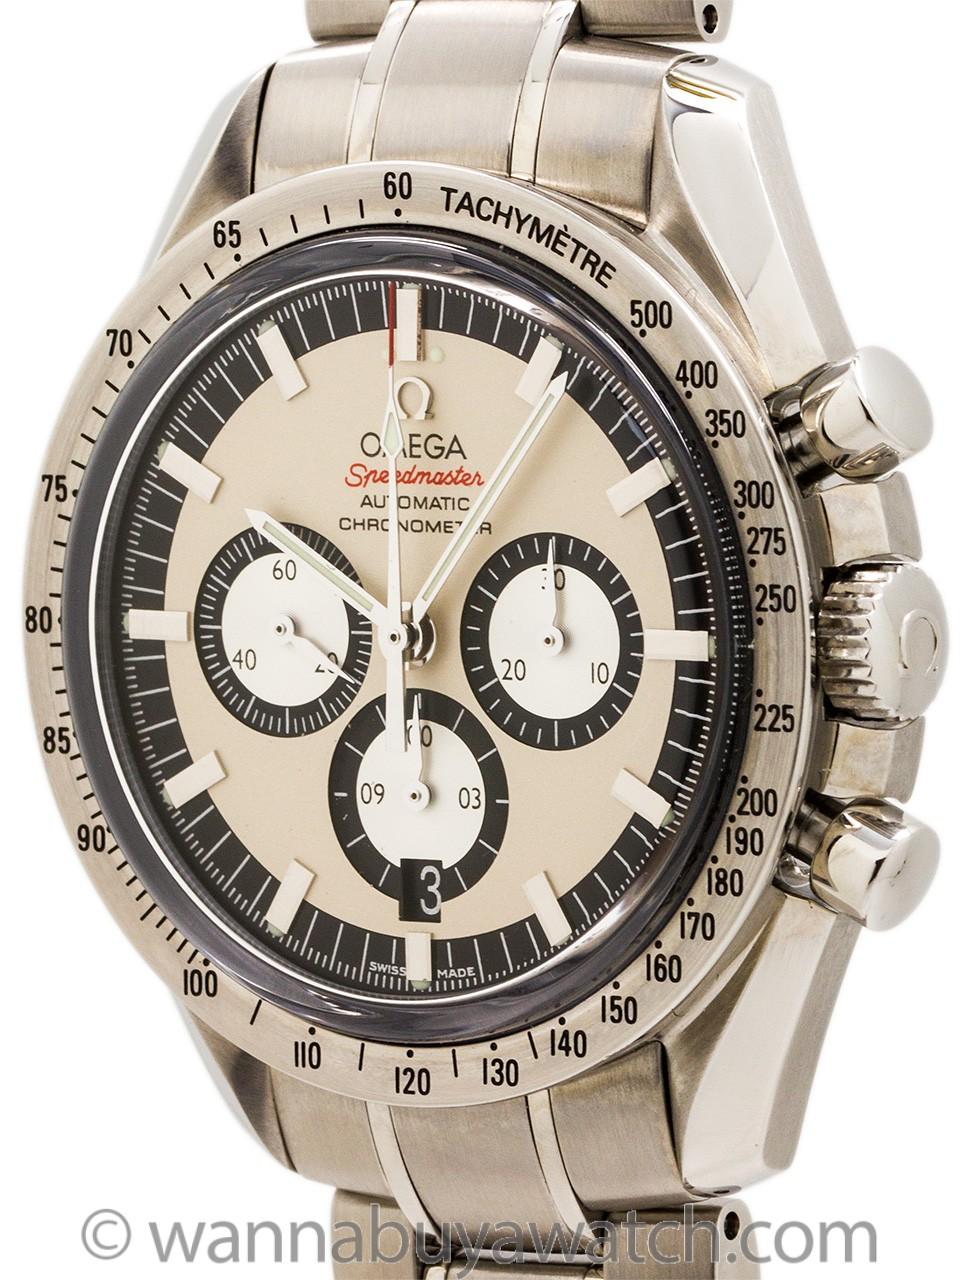 Omega Speedmaster Michael Schumacher Legend Collection circa 2006